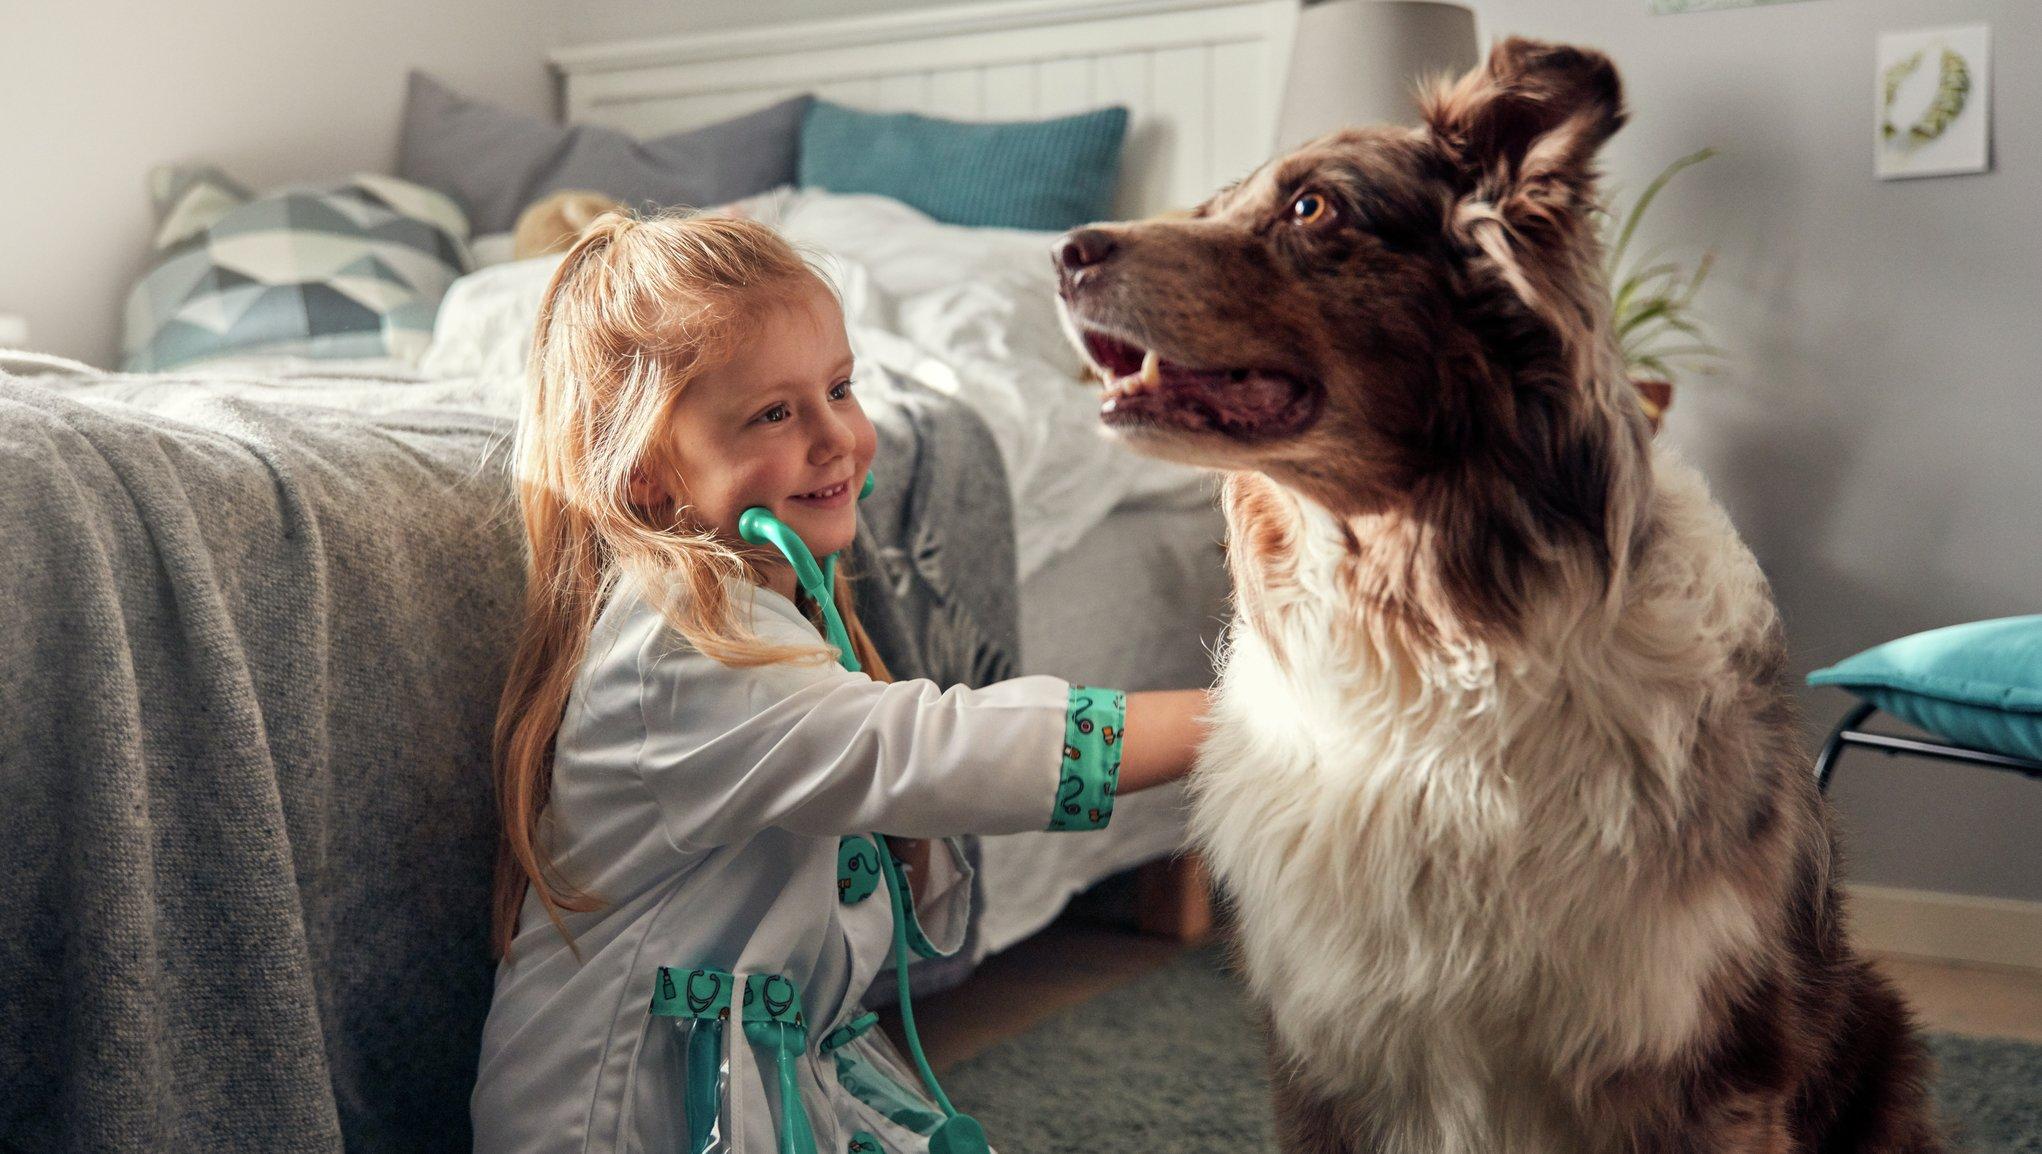 Flicka leker veterinär med hund